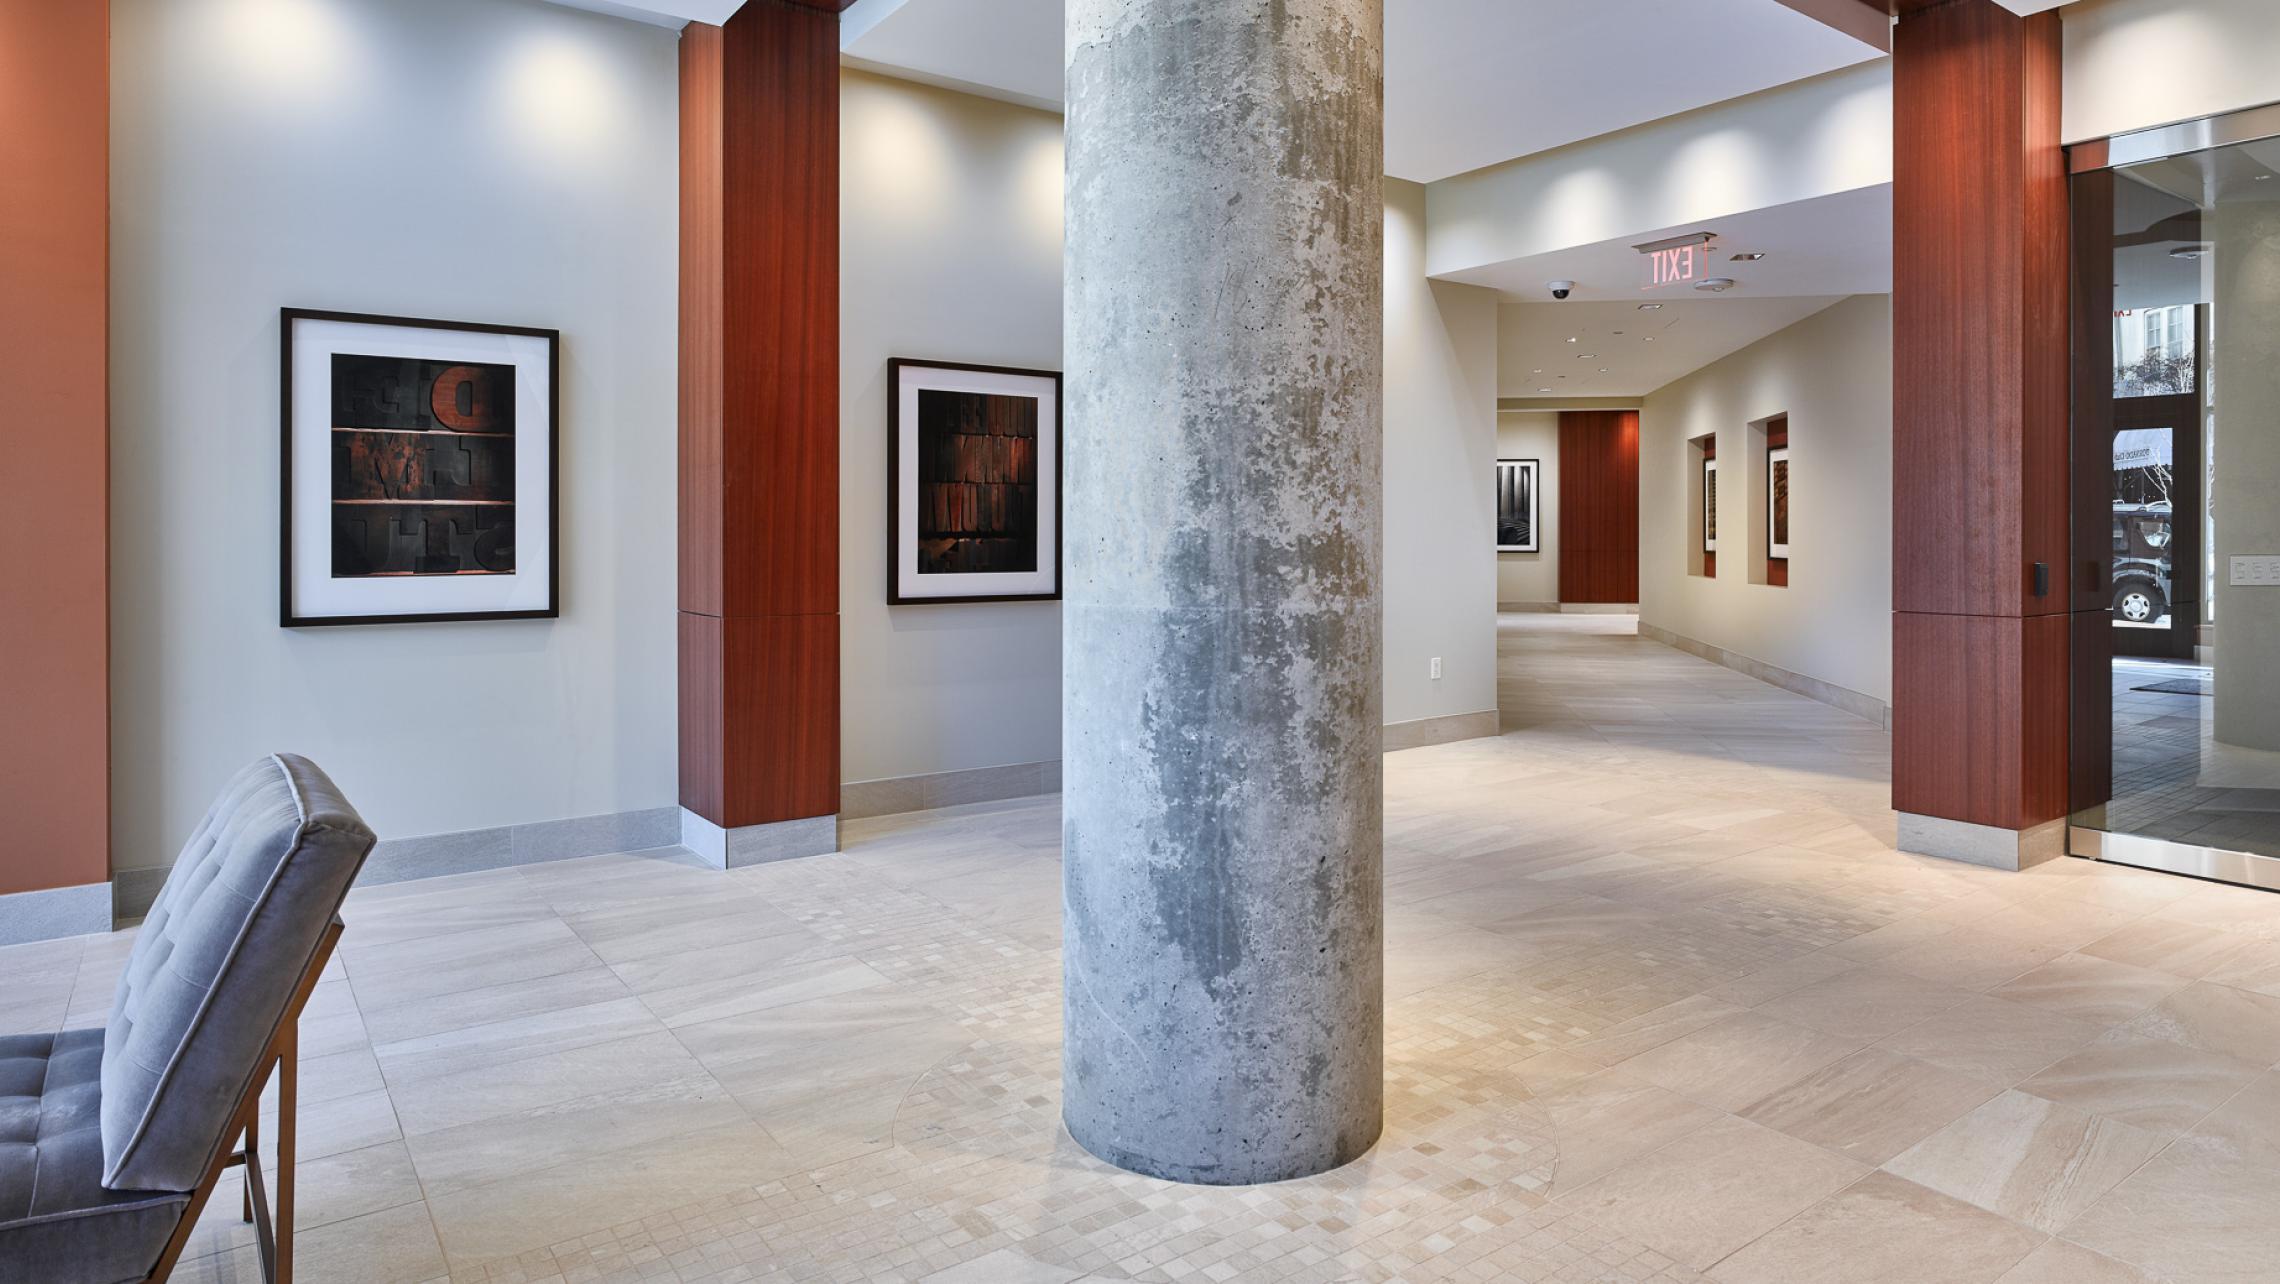 ULI The Pressman Lobby with Rebholz Art